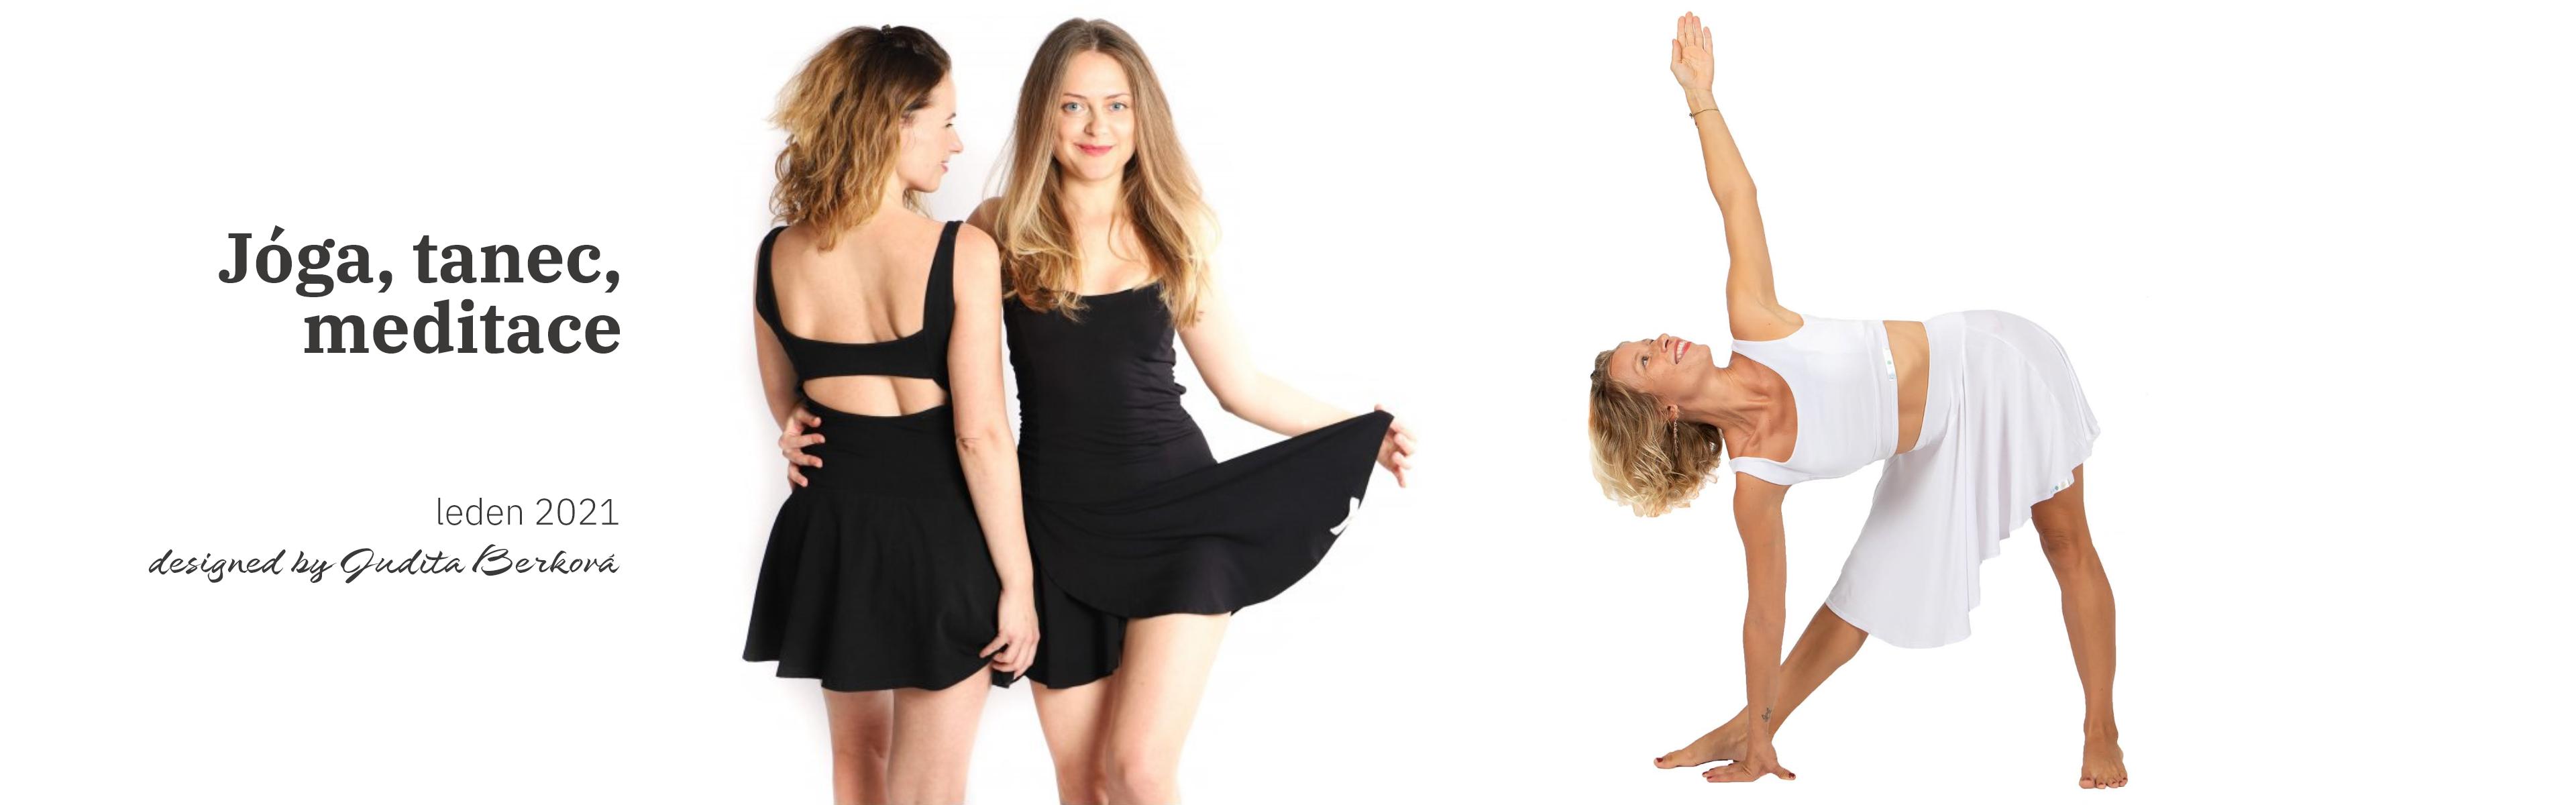 joga,tanec,meditace leden 2021